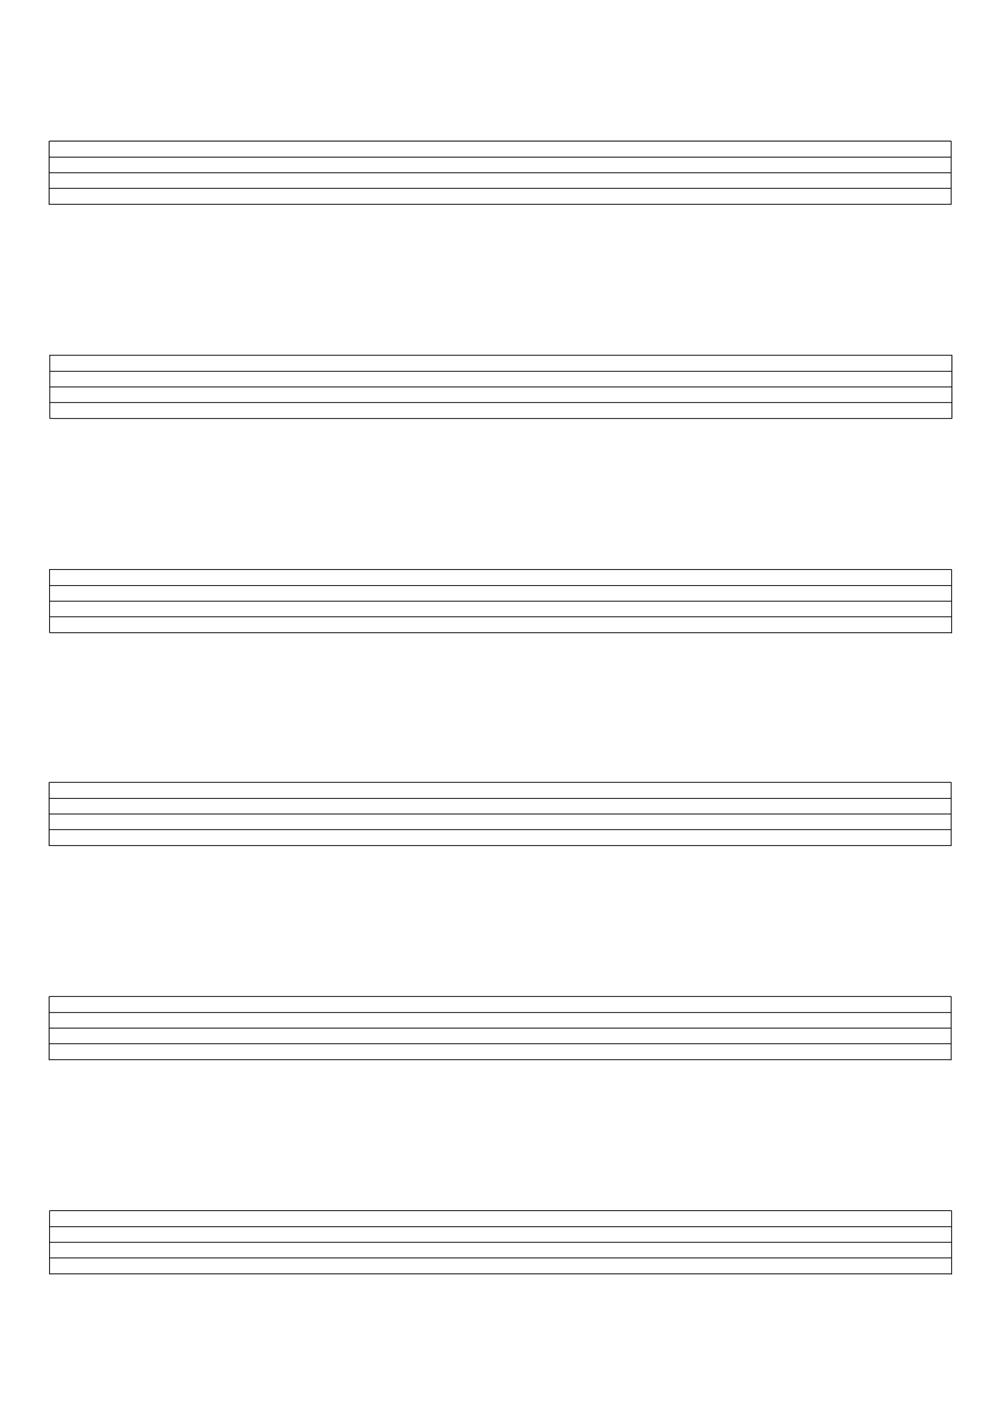 Notenpapier · 6 Systeme · GROSS